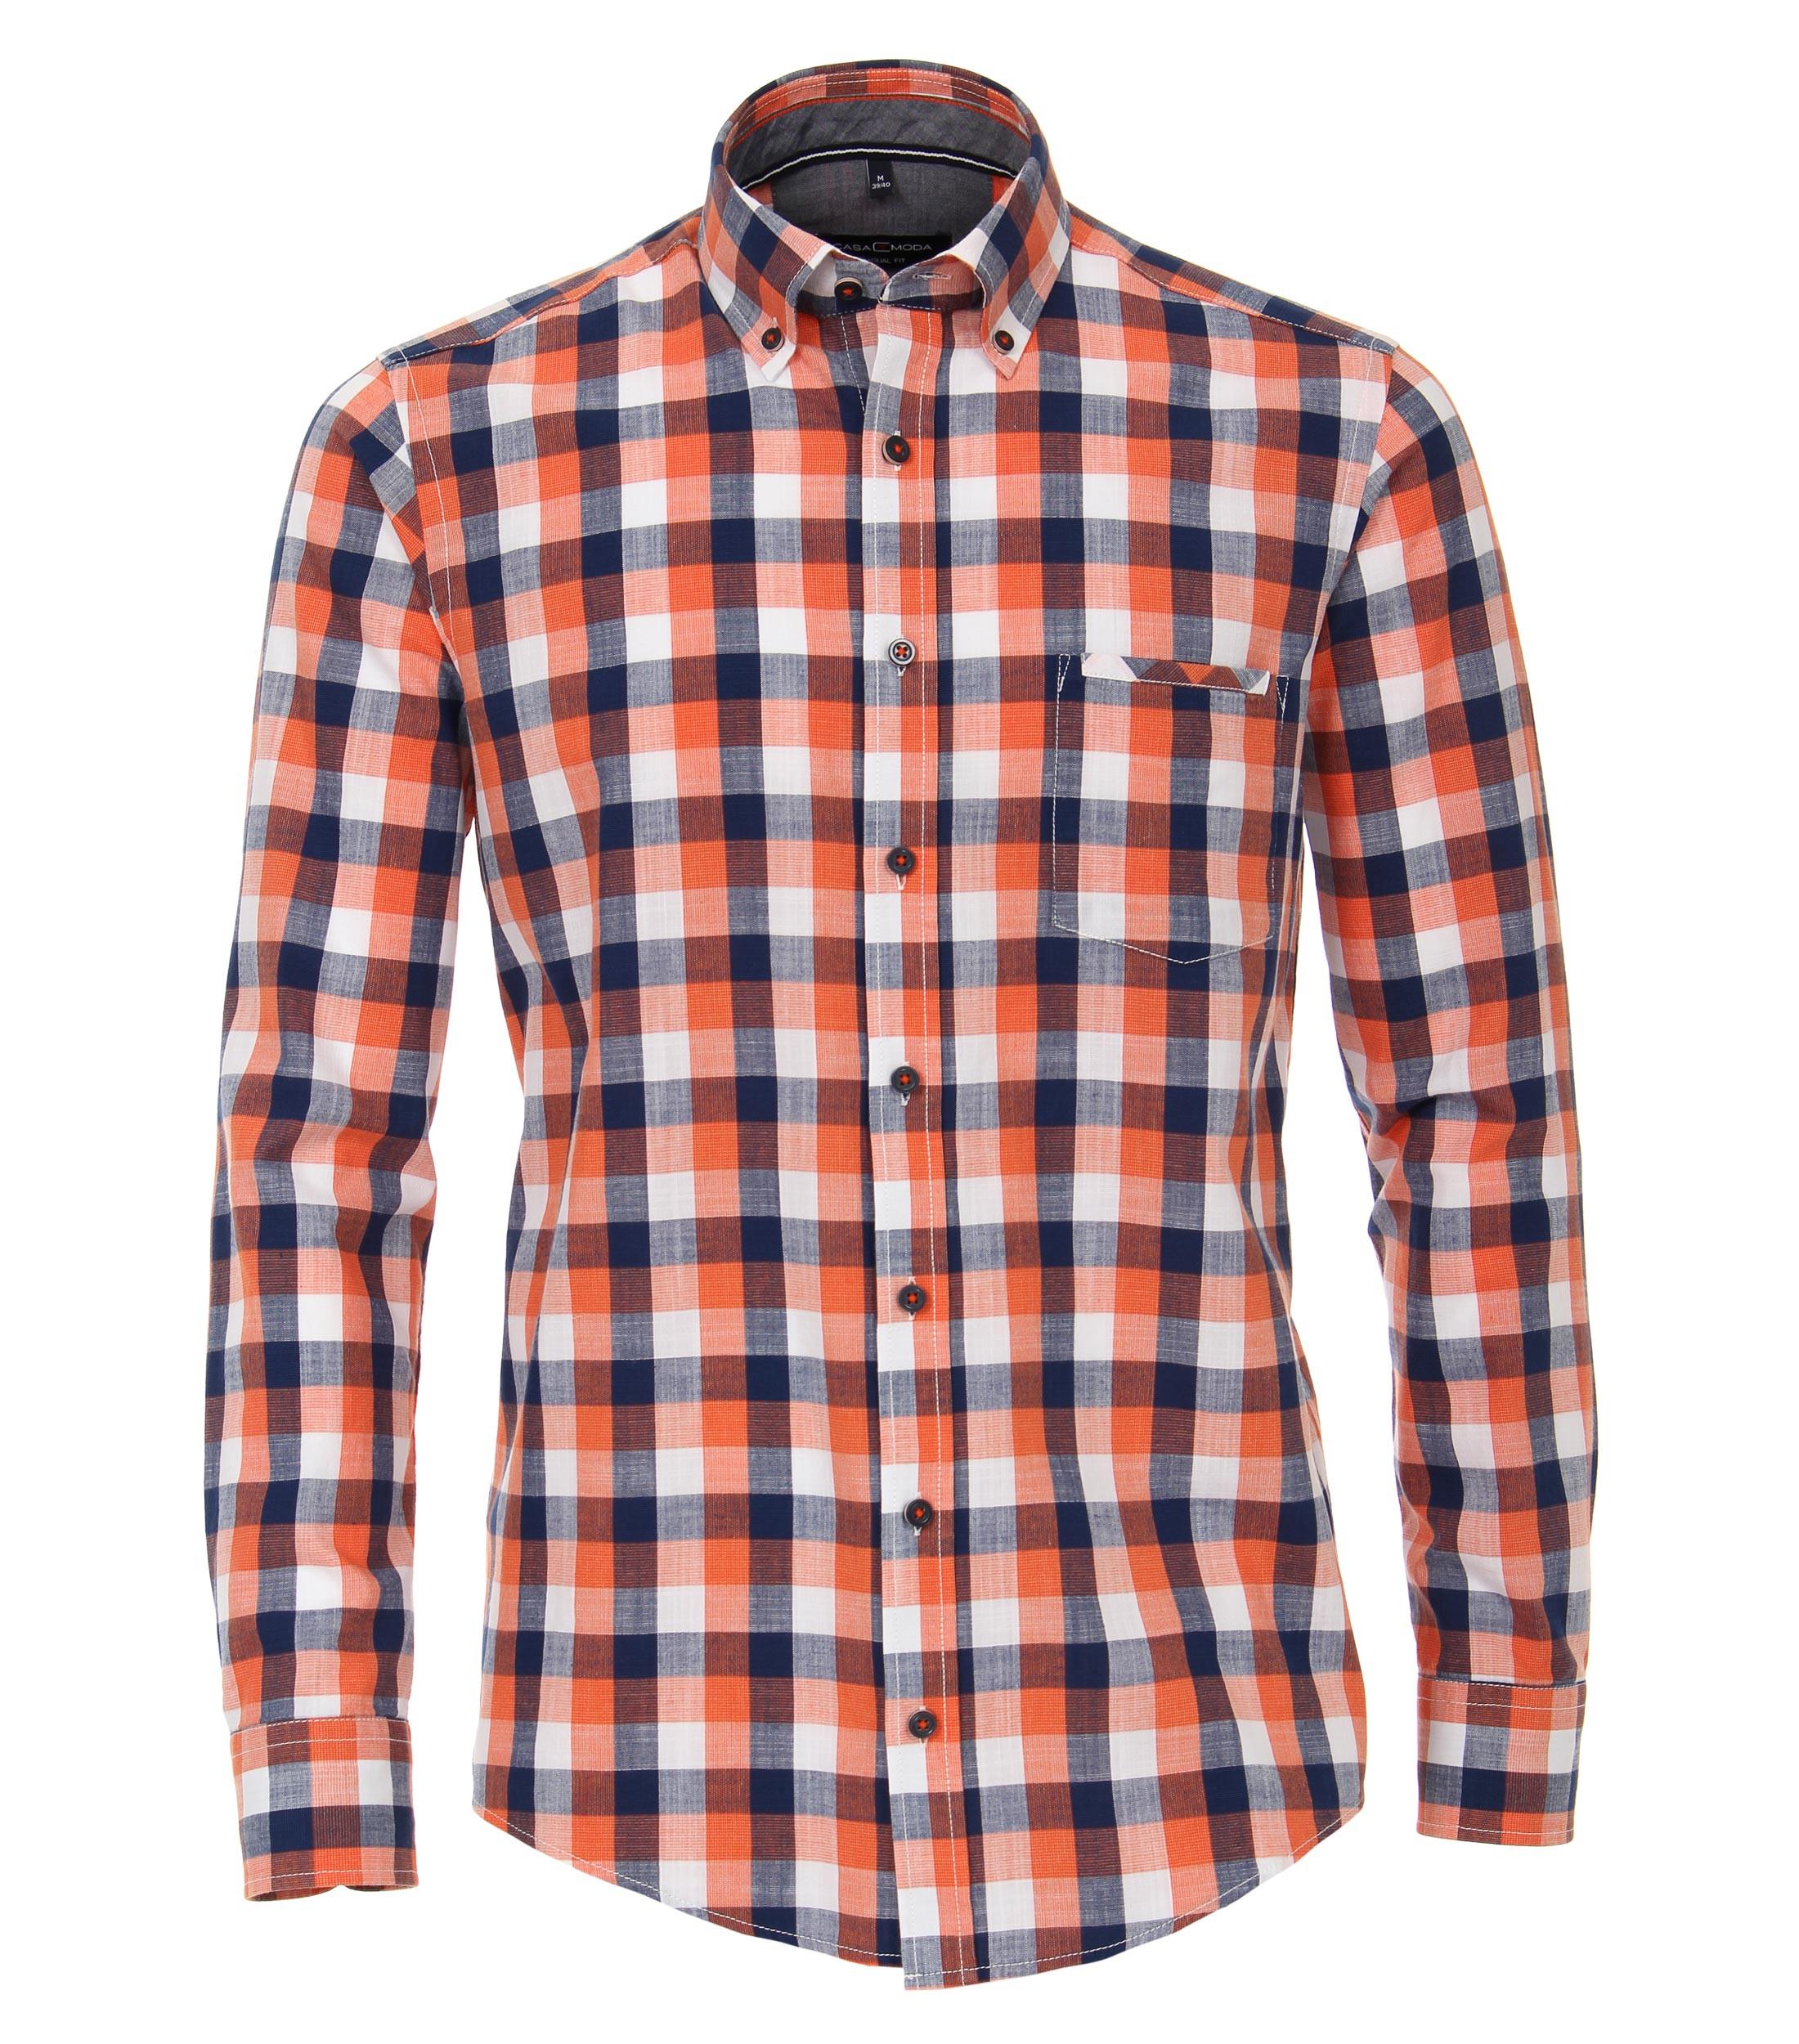 Casual overhemd van merk Casa Moda in de kleur oranje, gemaakt van 100% katoen.